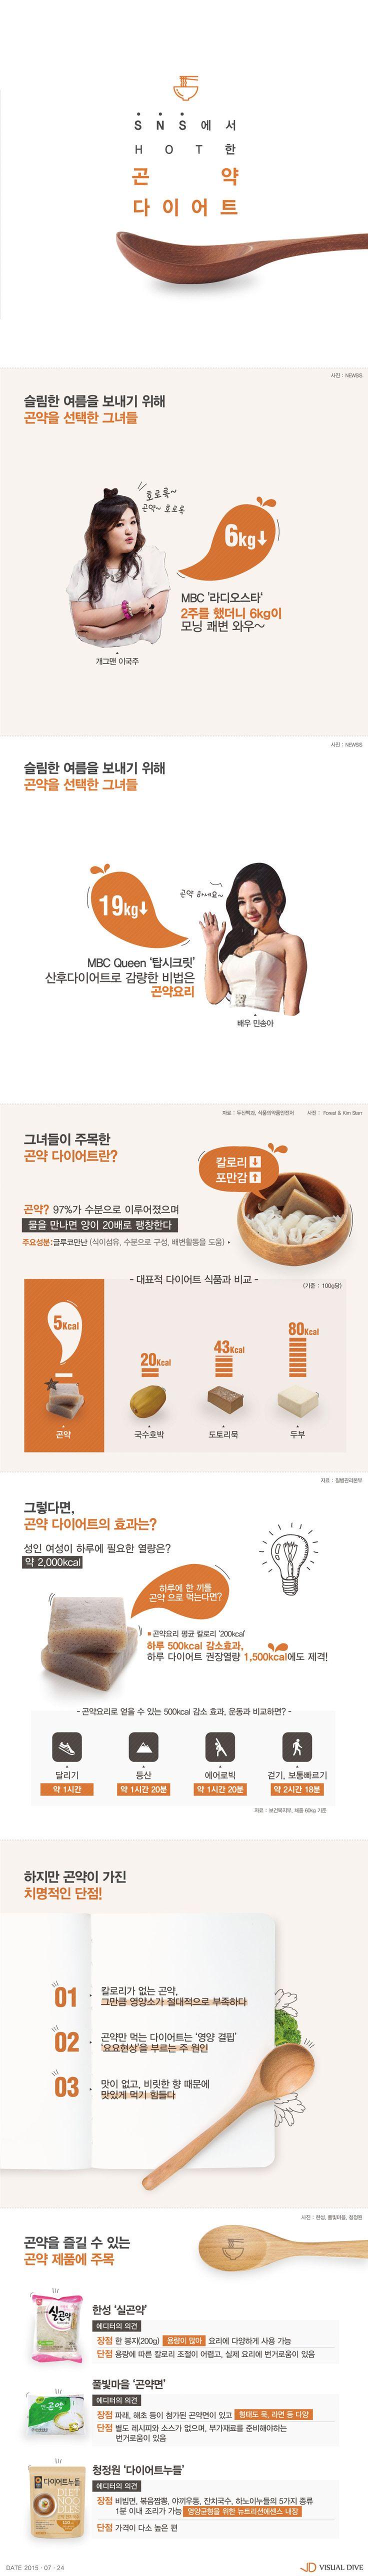 이국주도 했던 곤약 다이어트, 곤약을 맛있게 먹는 방법은? [인포그래픽] #Diet / #Infographic ⓒ 비주얼다이브 무단 복사·전재·재배포 금지